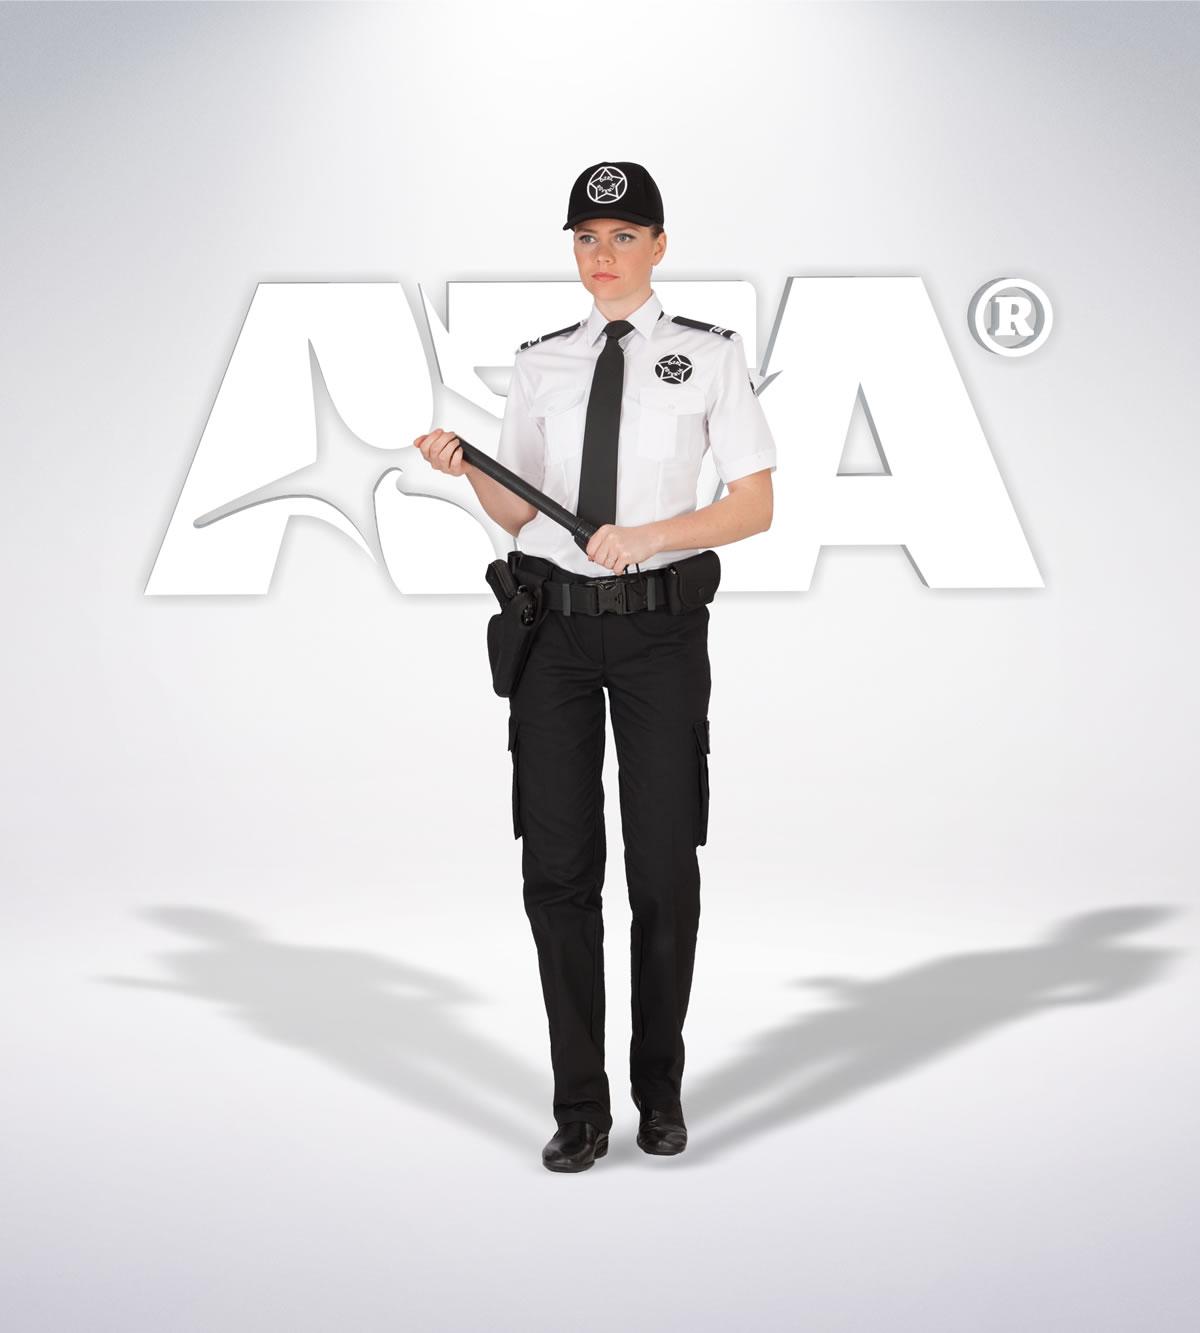 ATA 112 - Ribstop kumaş pantolon - gömlek yazlık-kışlık - aksesuar - güvenlik elbiseleri | güvenlik üniformaları | güvenlik kıyafetleri